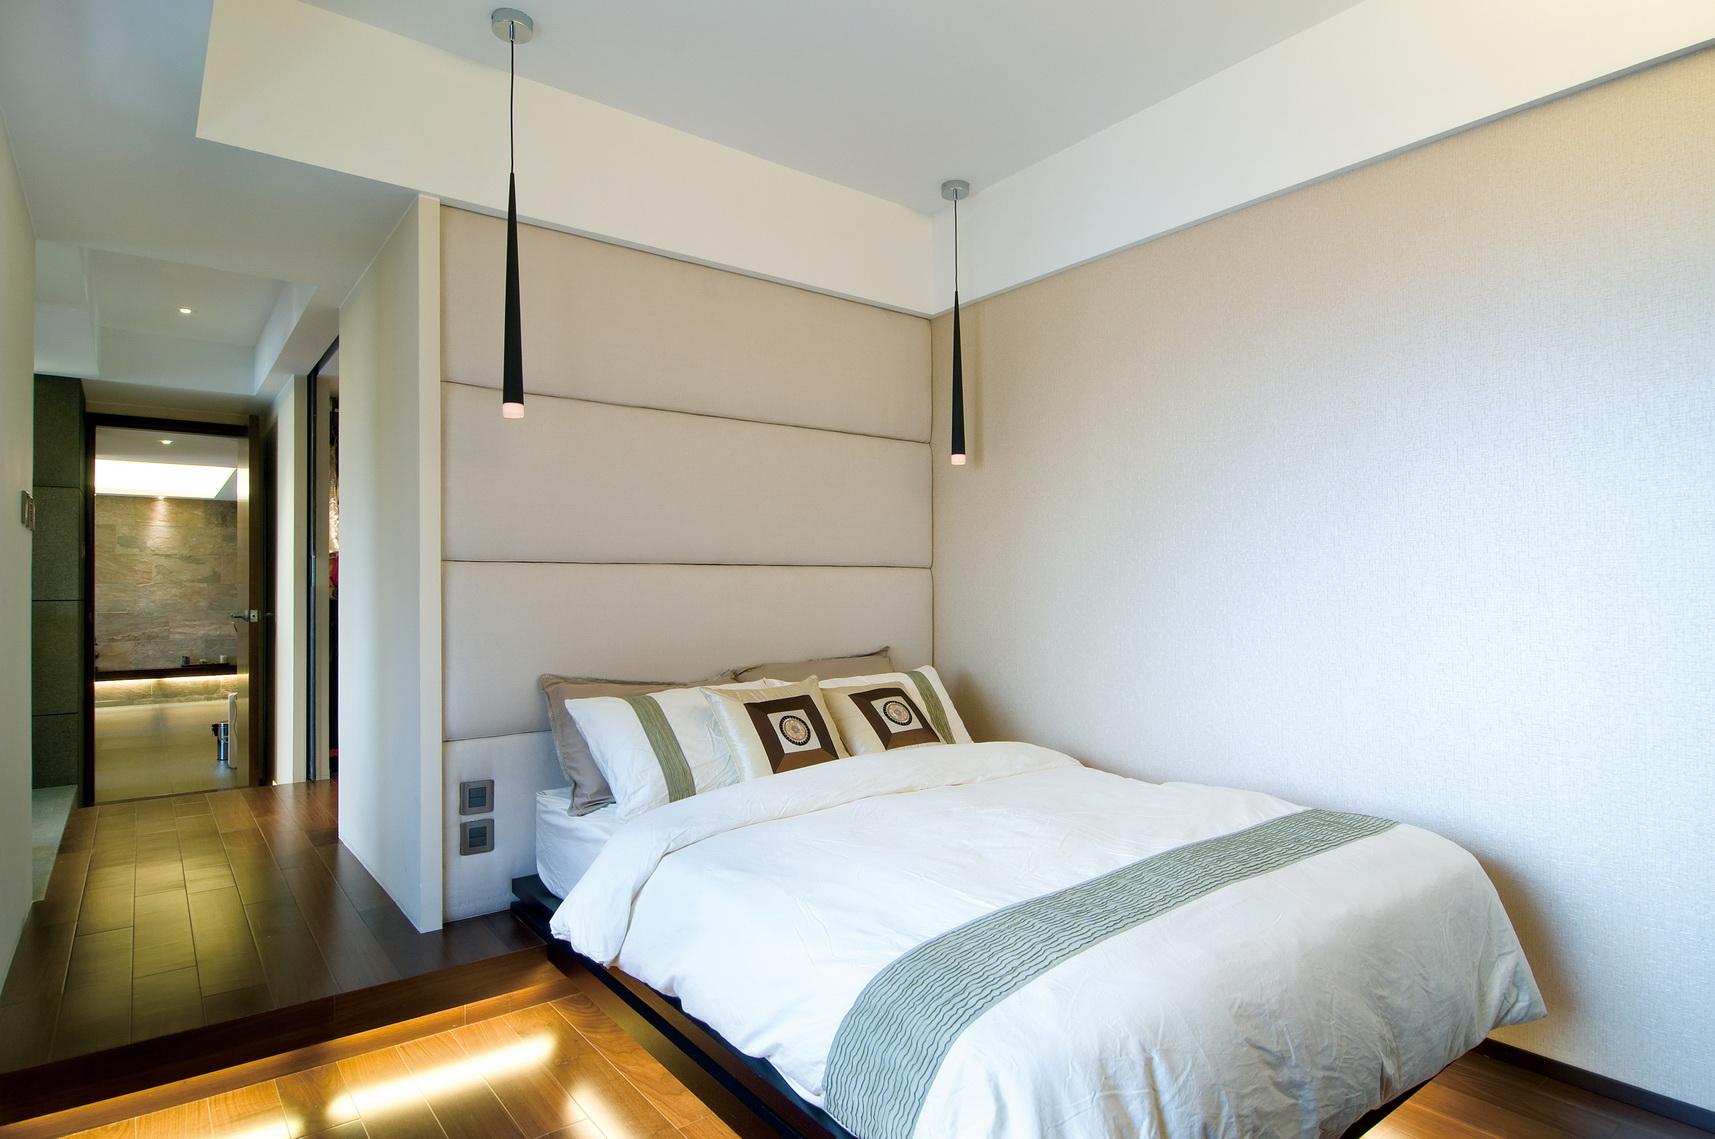 卧室中放置着清晰线条的大床,两边的吊灯很是精致别雅